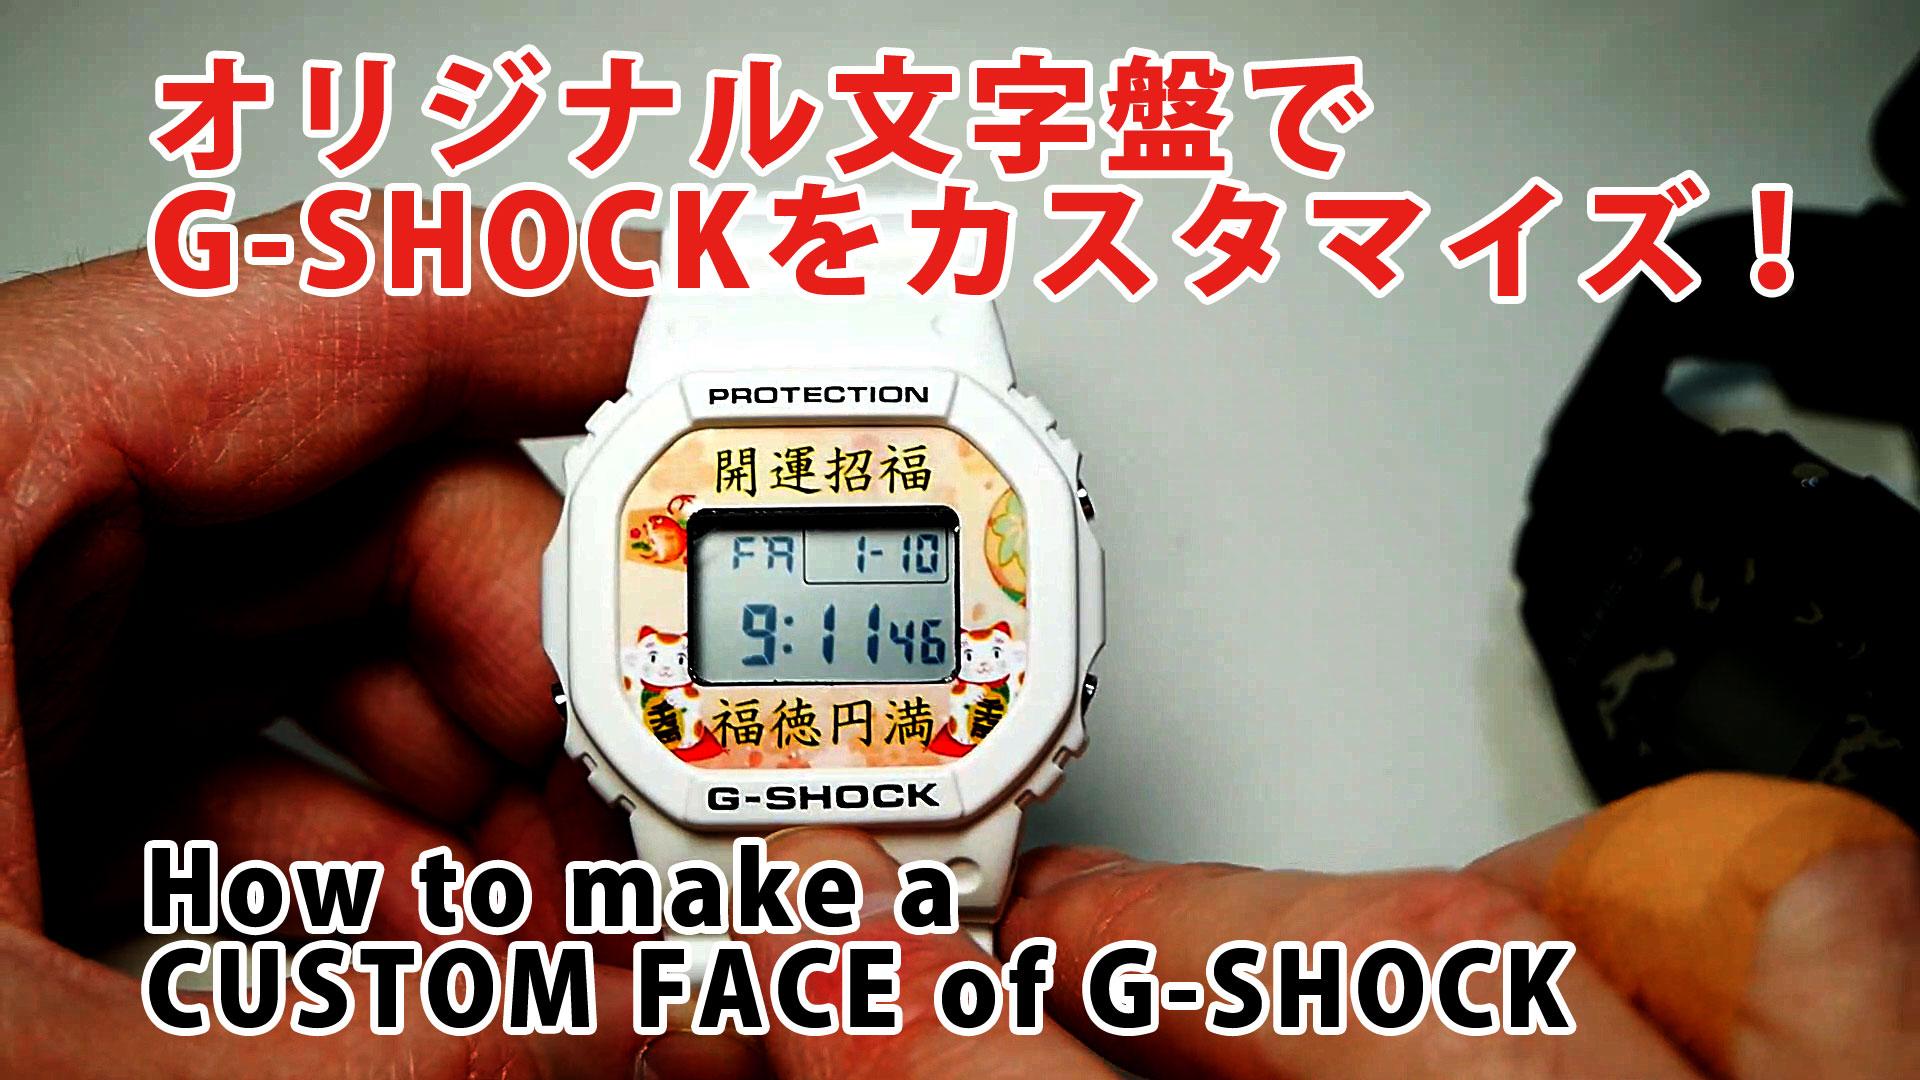 G-SHOCKカスタムフェイス